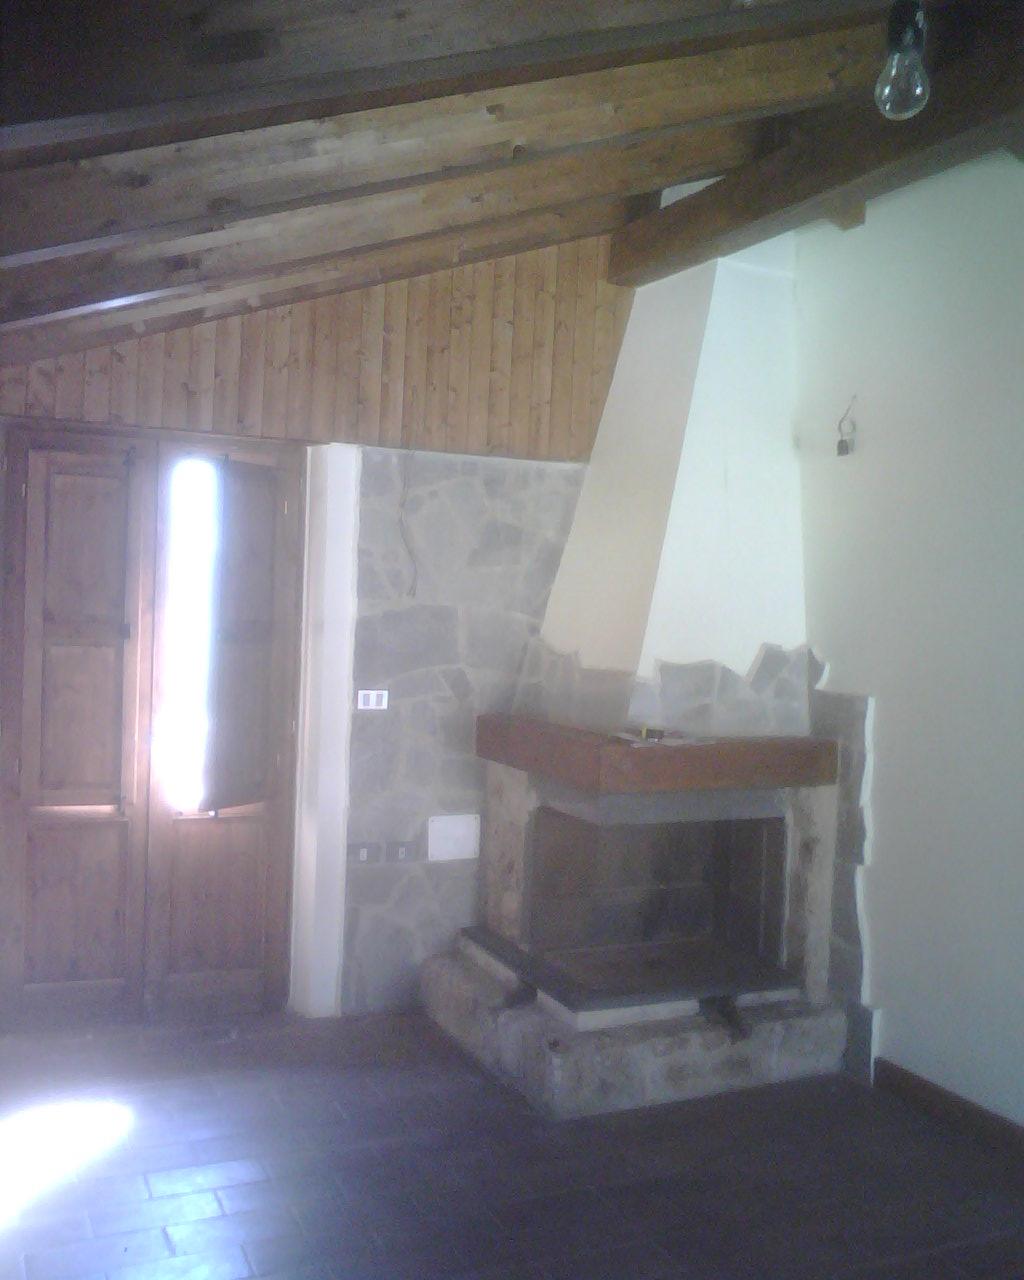 Appartamento in vendita a Cotronei, 3 locali, prezzo € 35.000 | CambioCasa.it